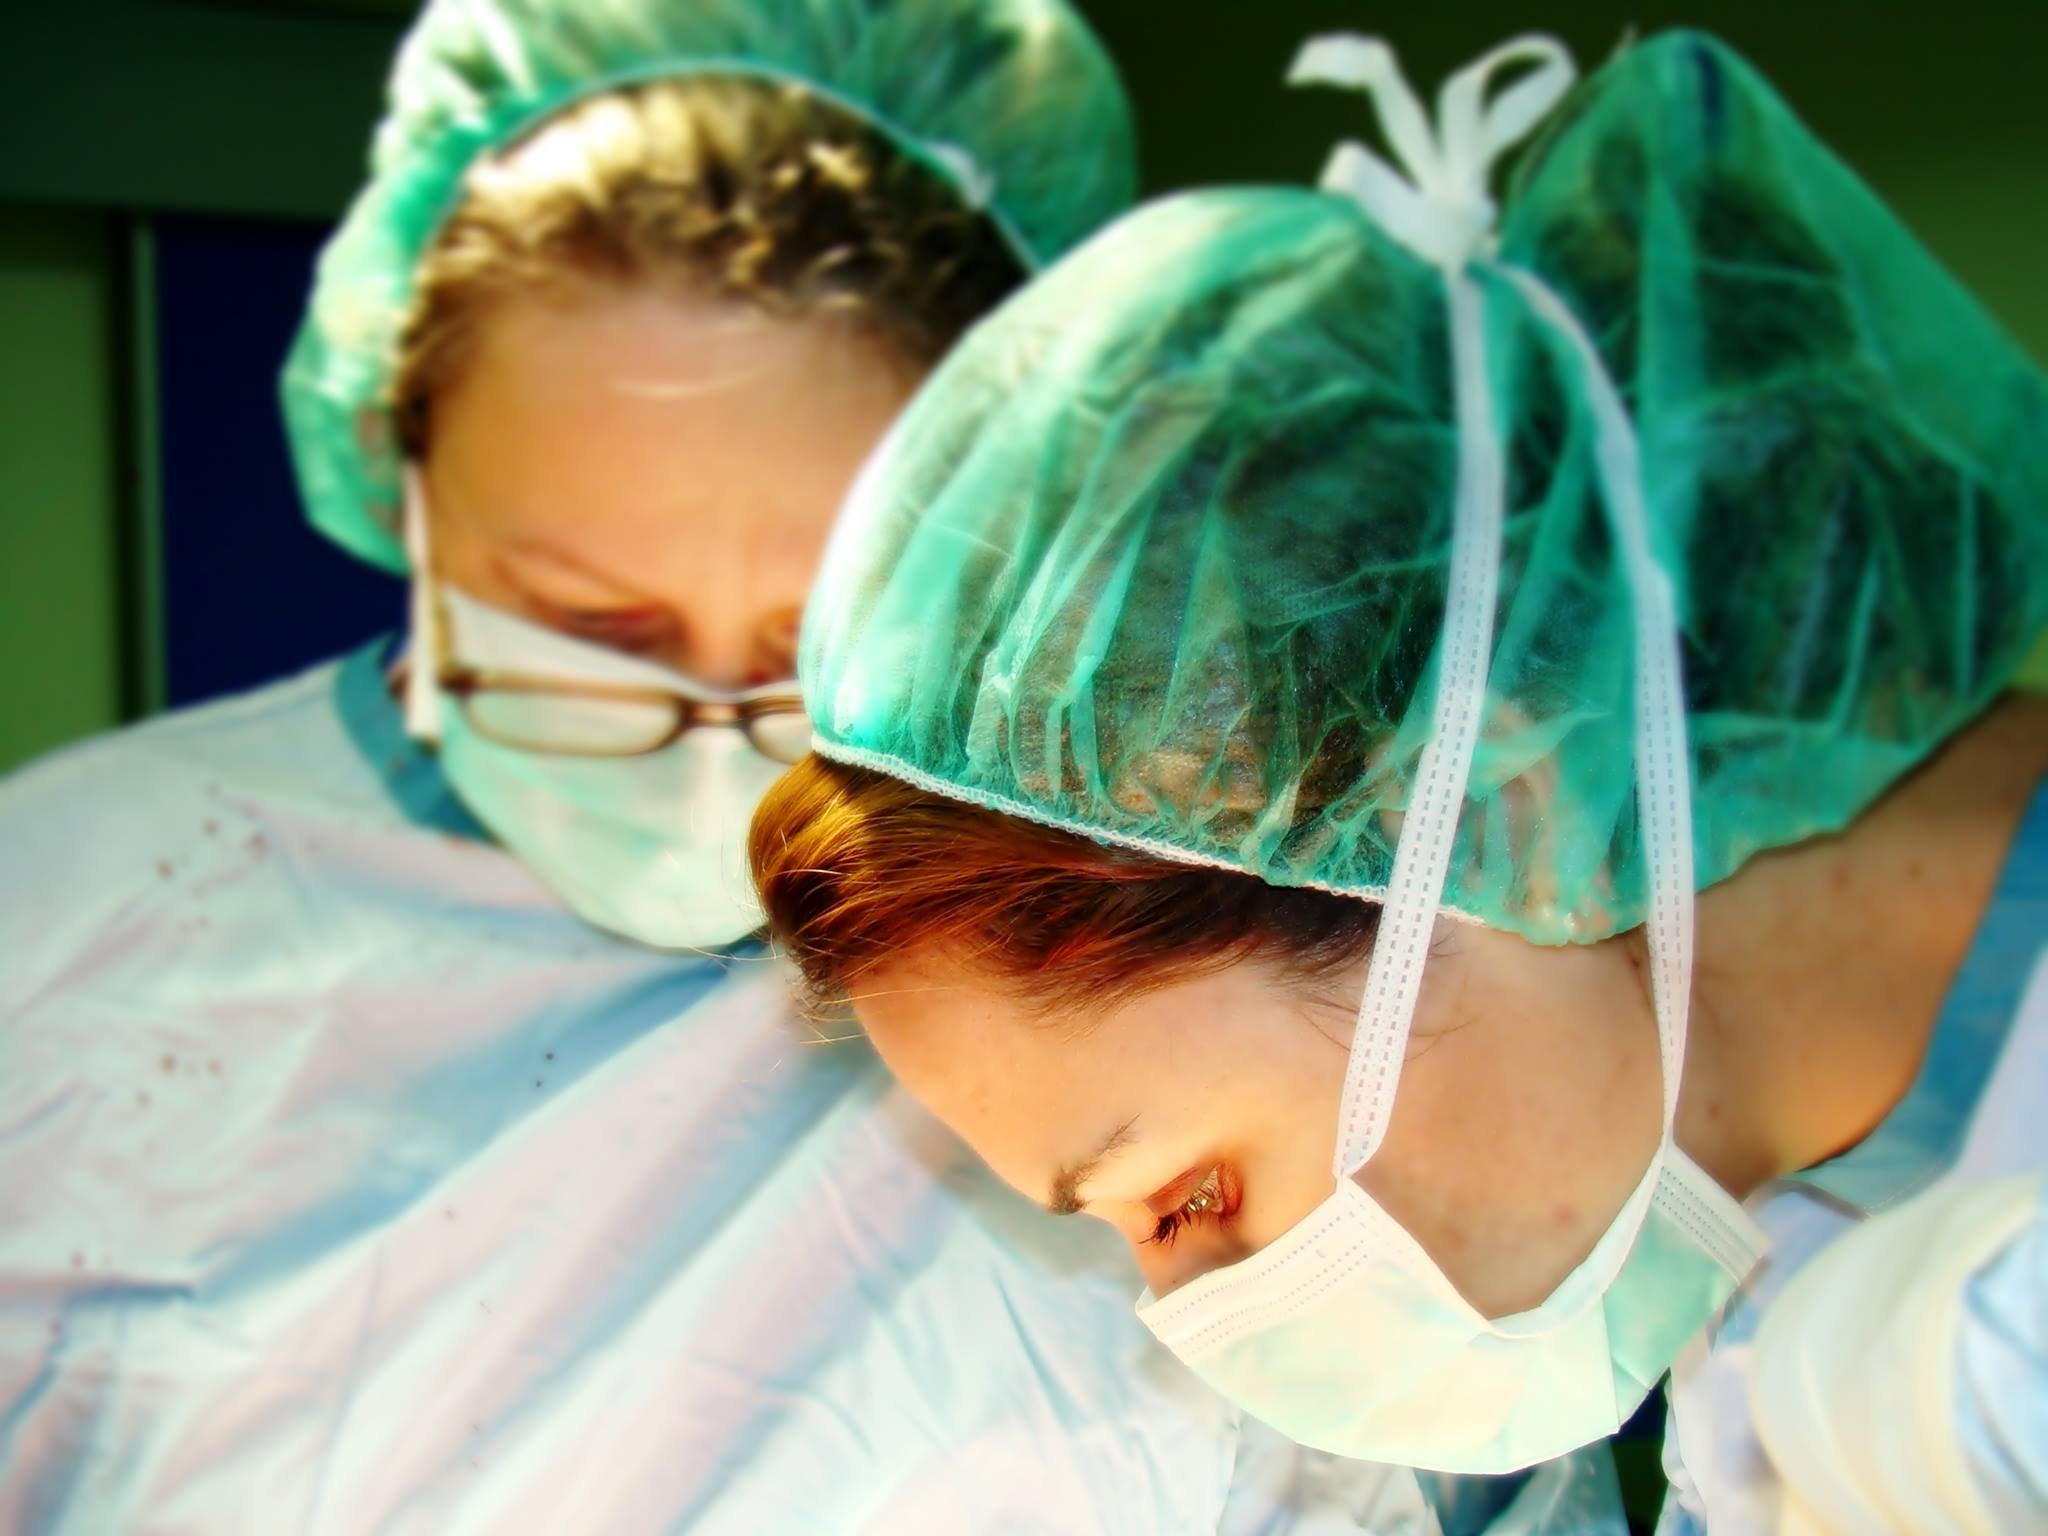 اول طبيبة جراحية تجميلية عربية في البلاد تتحدث لبكرا